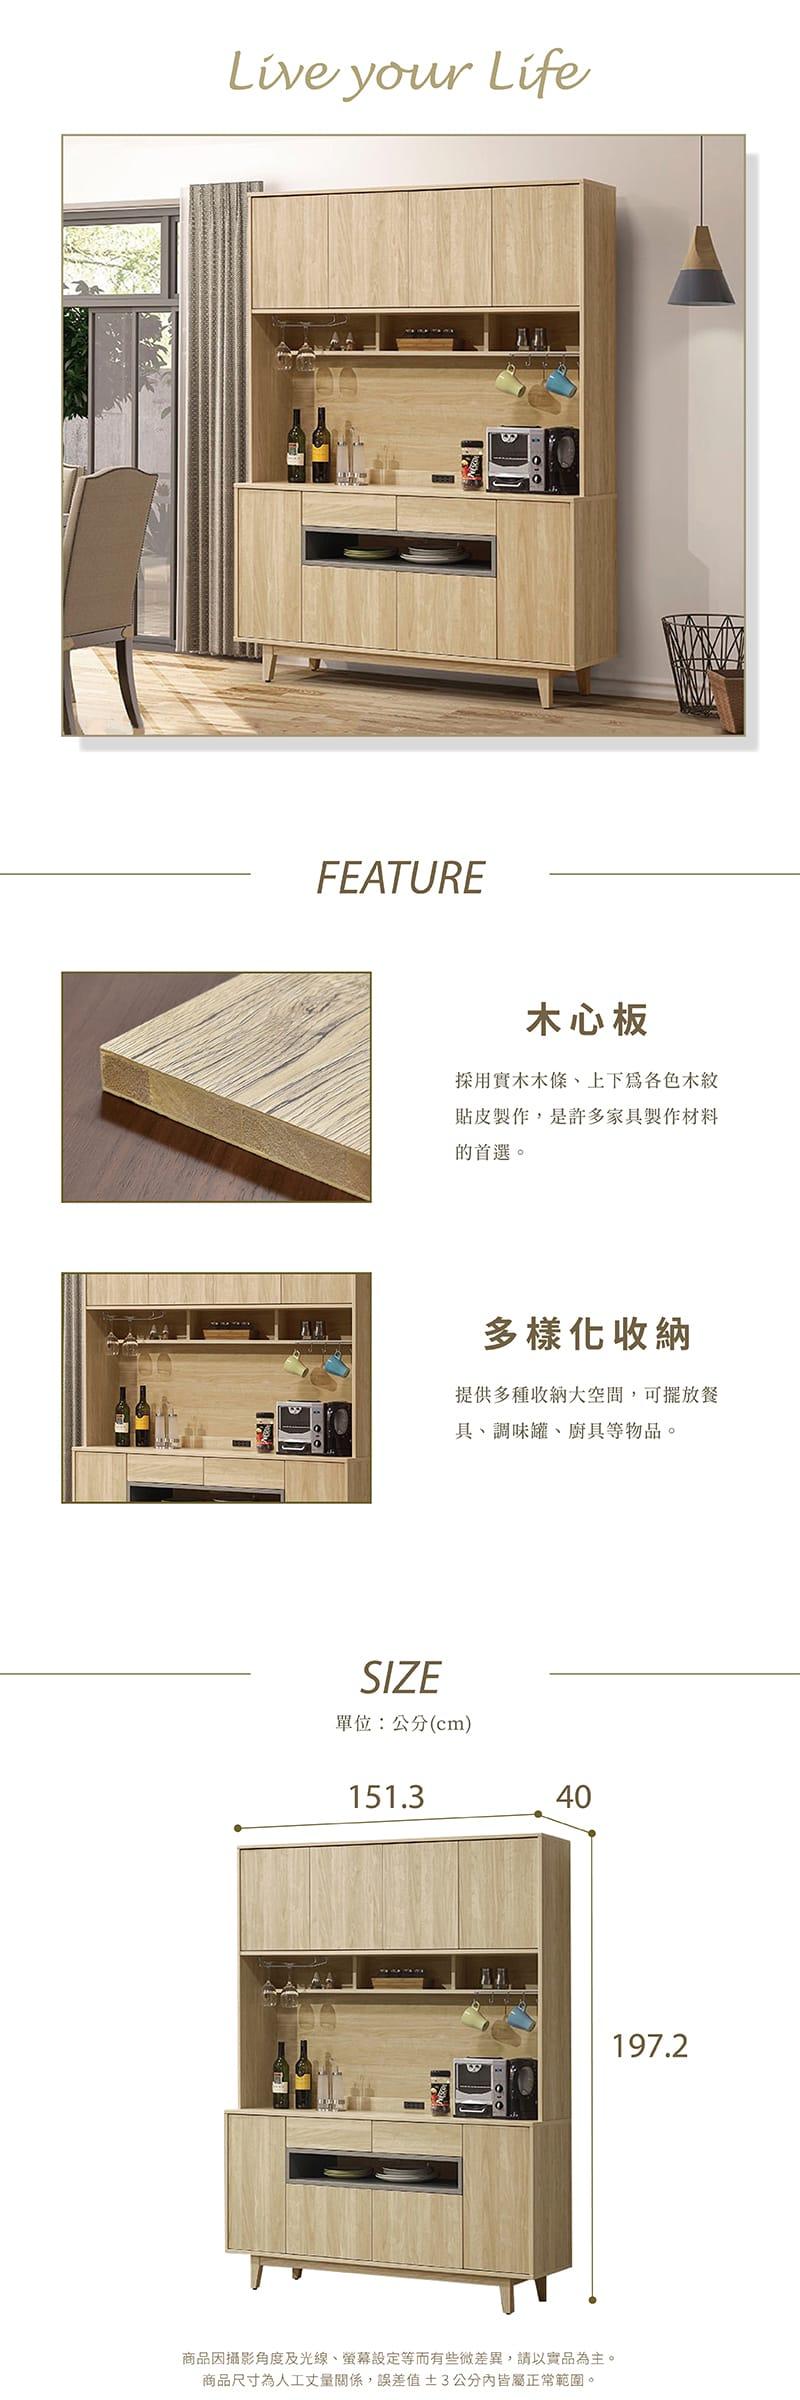 沐夏 北歐風廚櫃組寬152cm